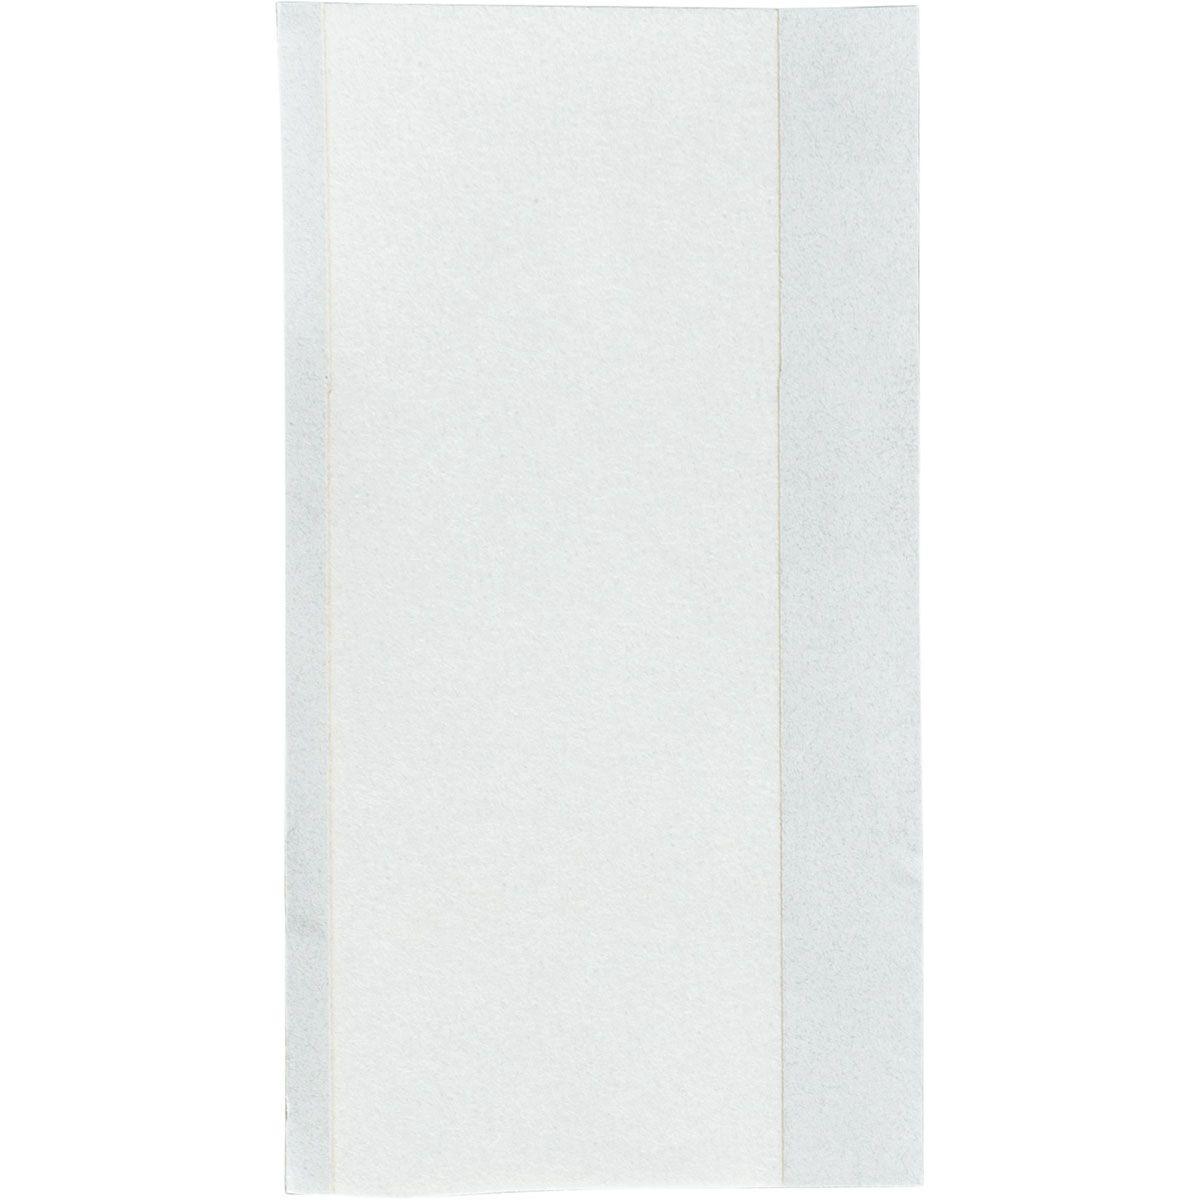 BMP21 Water Dissolvable Paper Labels